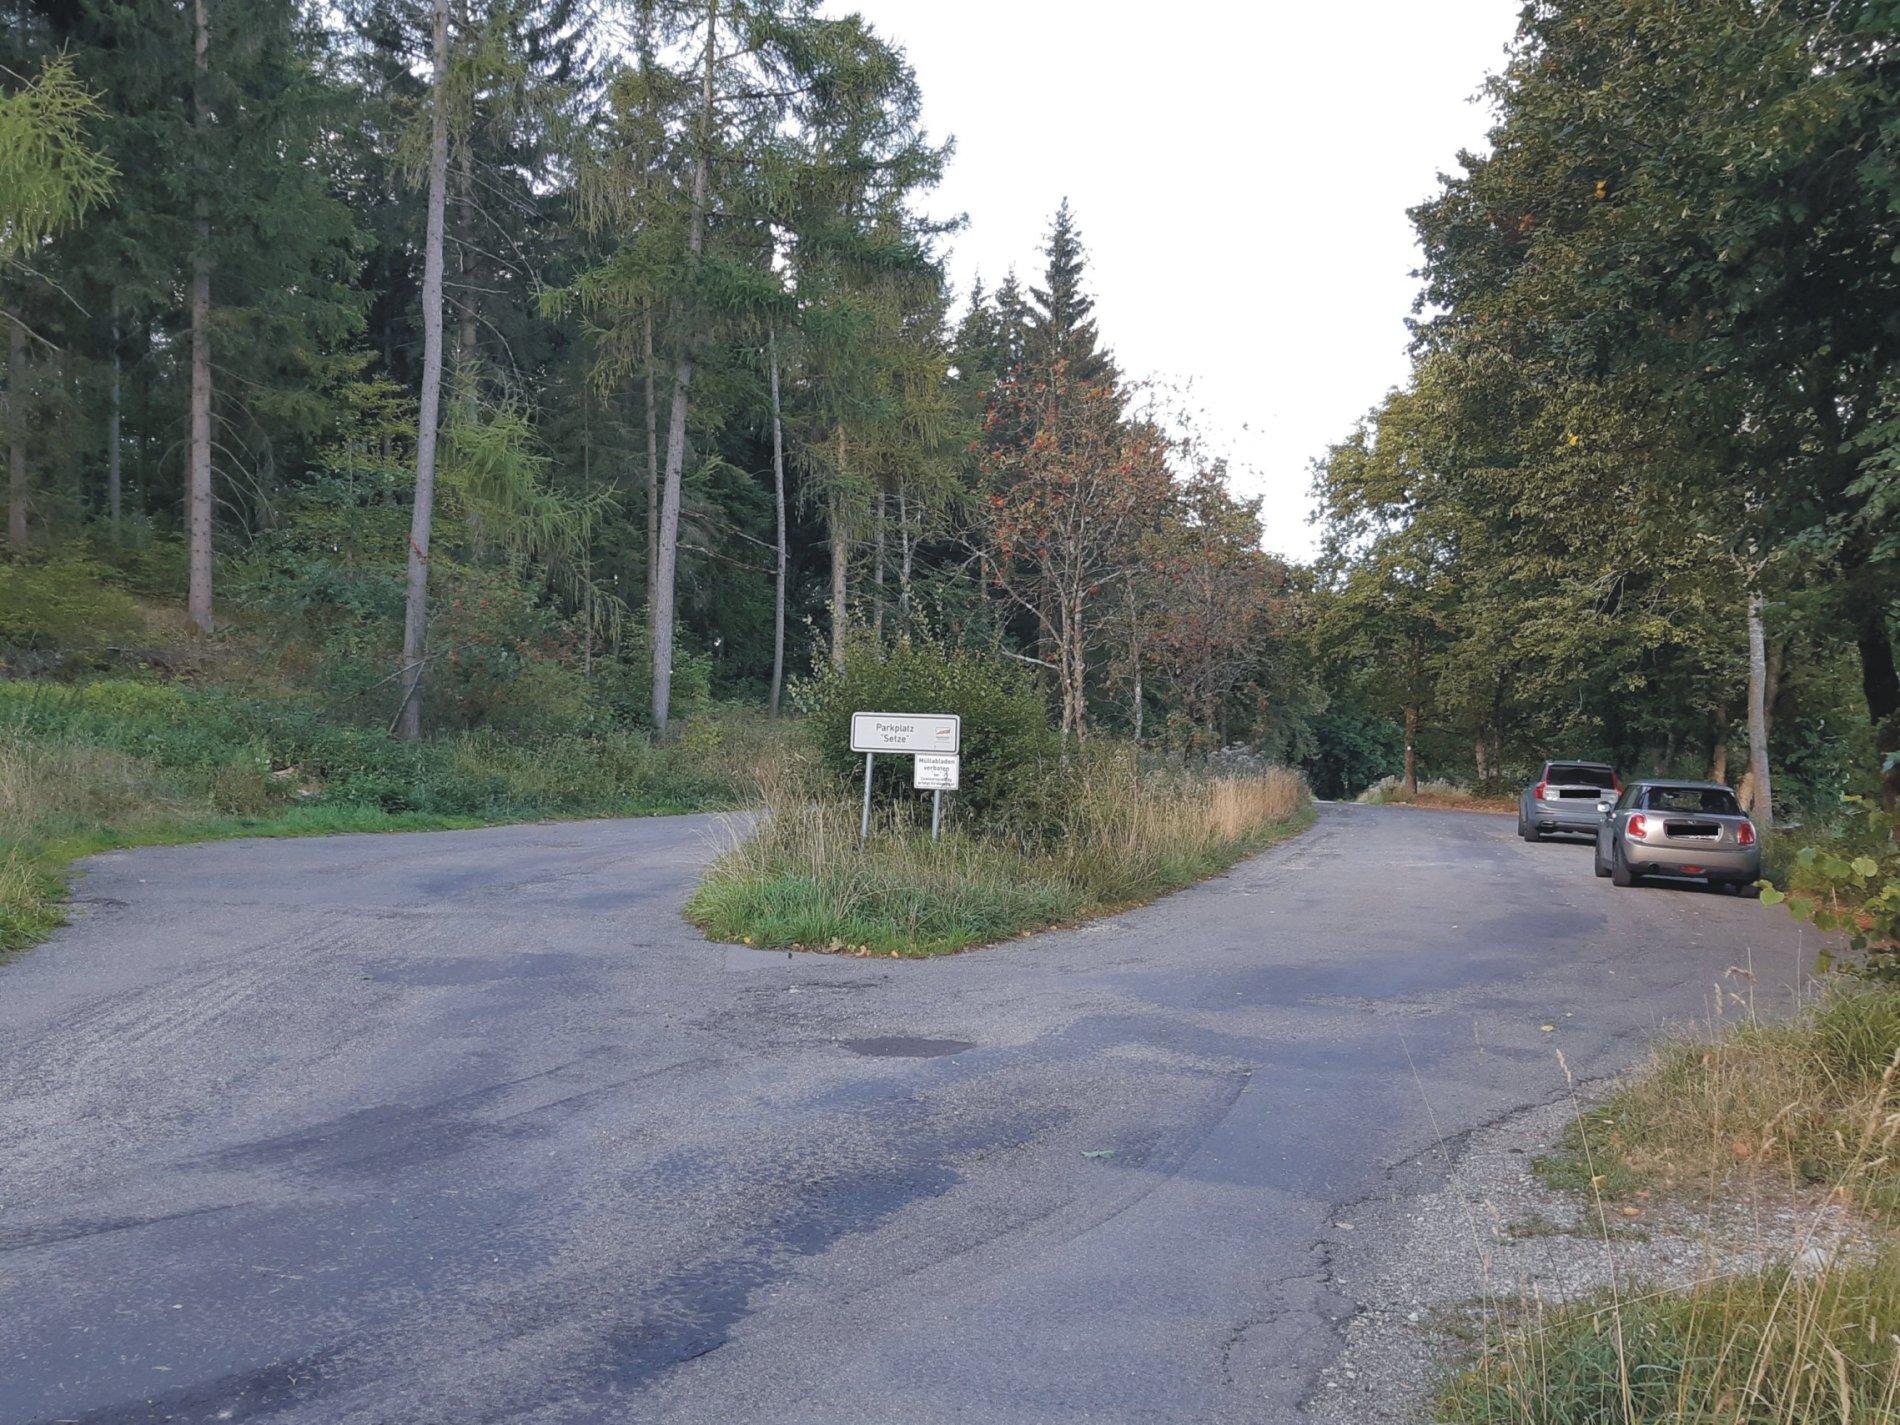 Wanderparkplatz Setze - Startpunkt Traufgang Schlossfelsenpfad